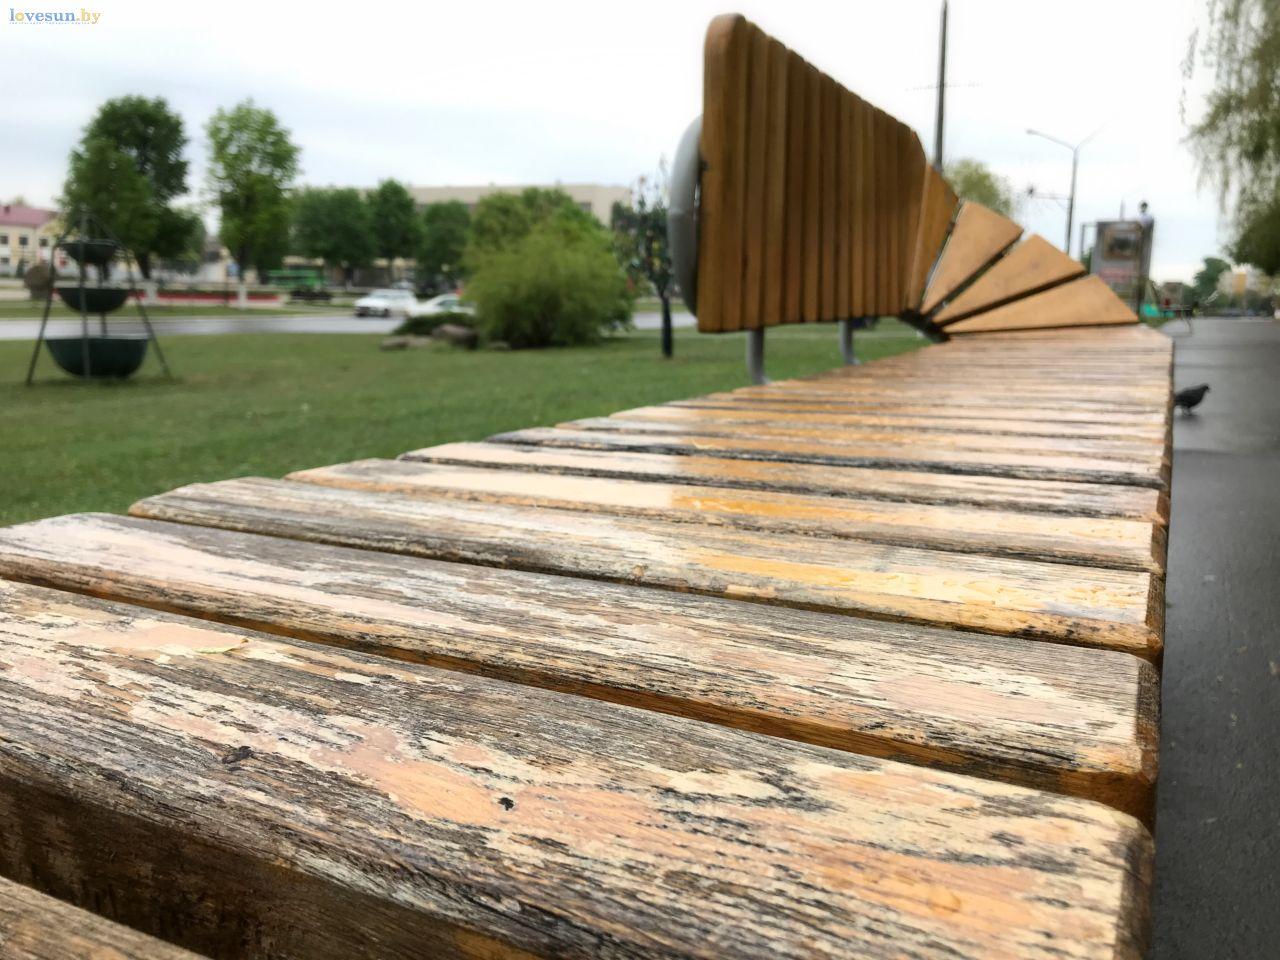 деревянная лавочка после зимы